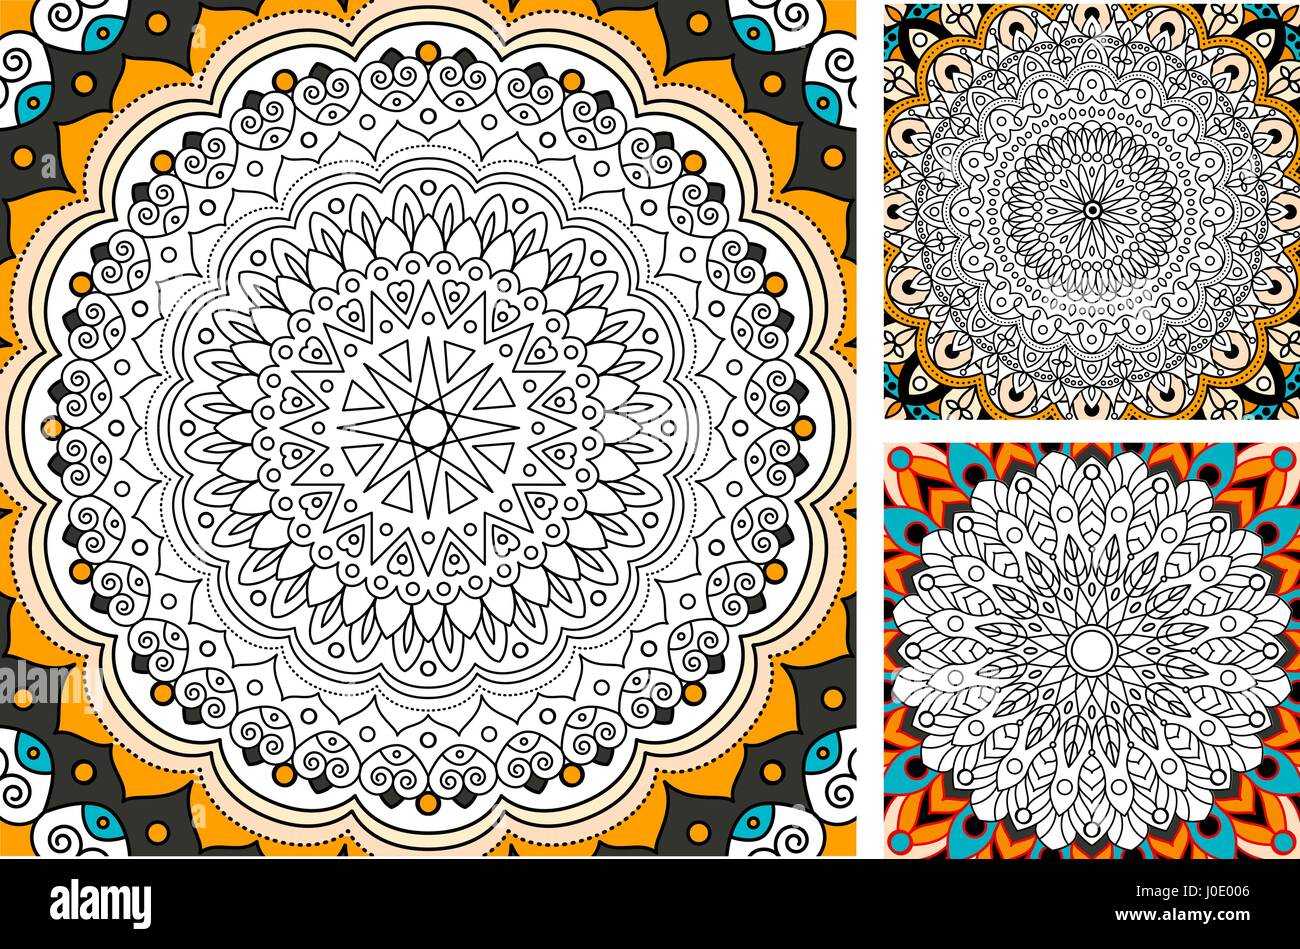 Version Imprimable Page De Coloriage Antistress Pour Les Adultes